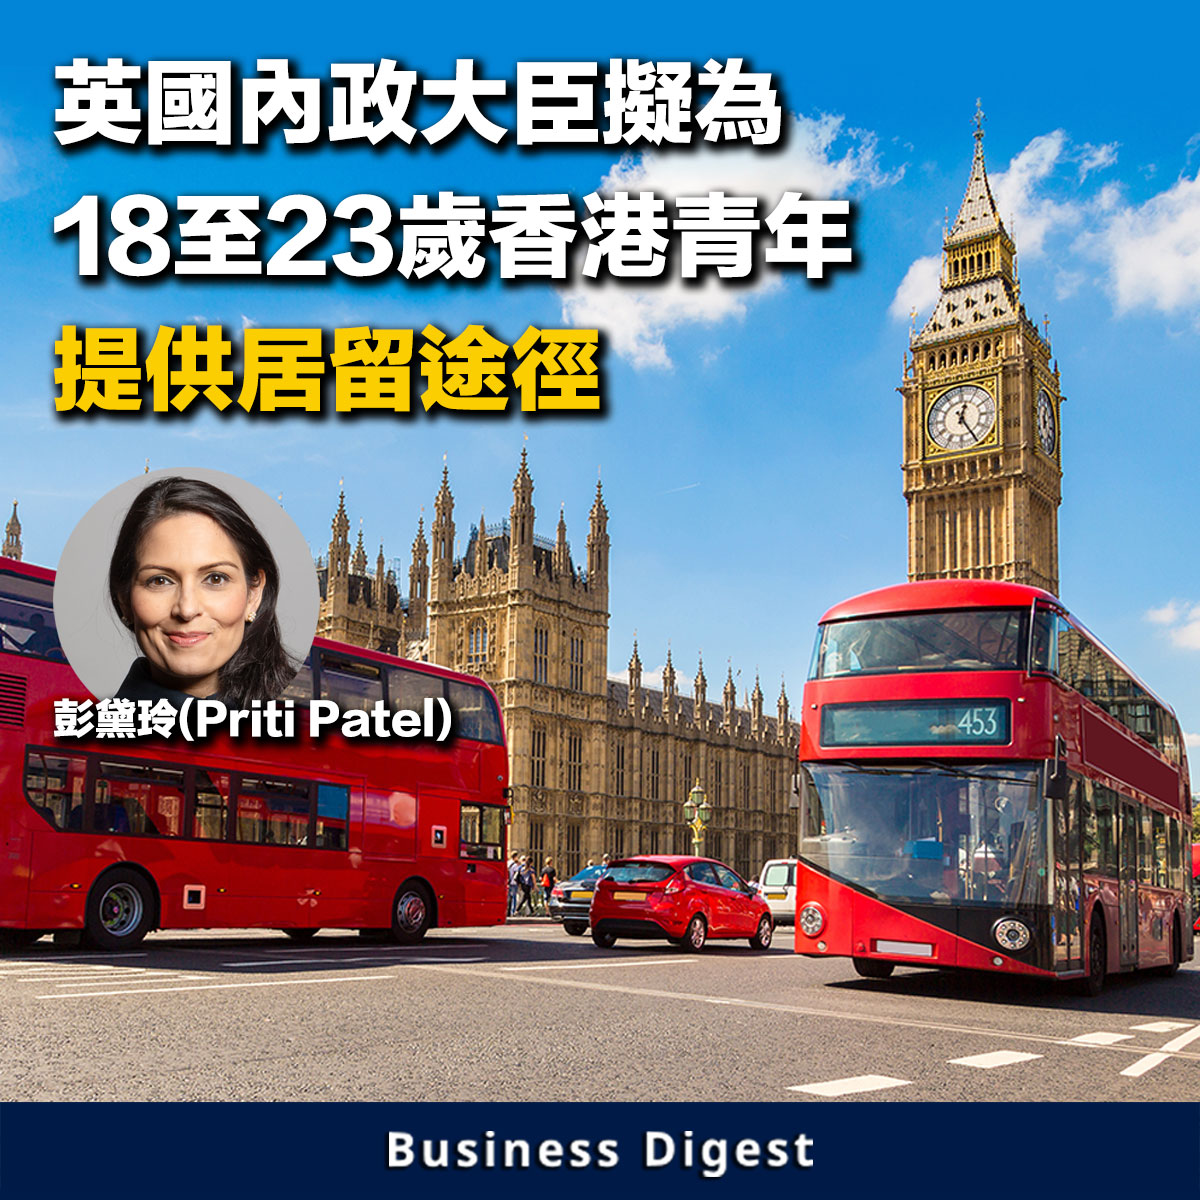 【商業熱話】英國擬為18至23歲香港青年提供居留途徑